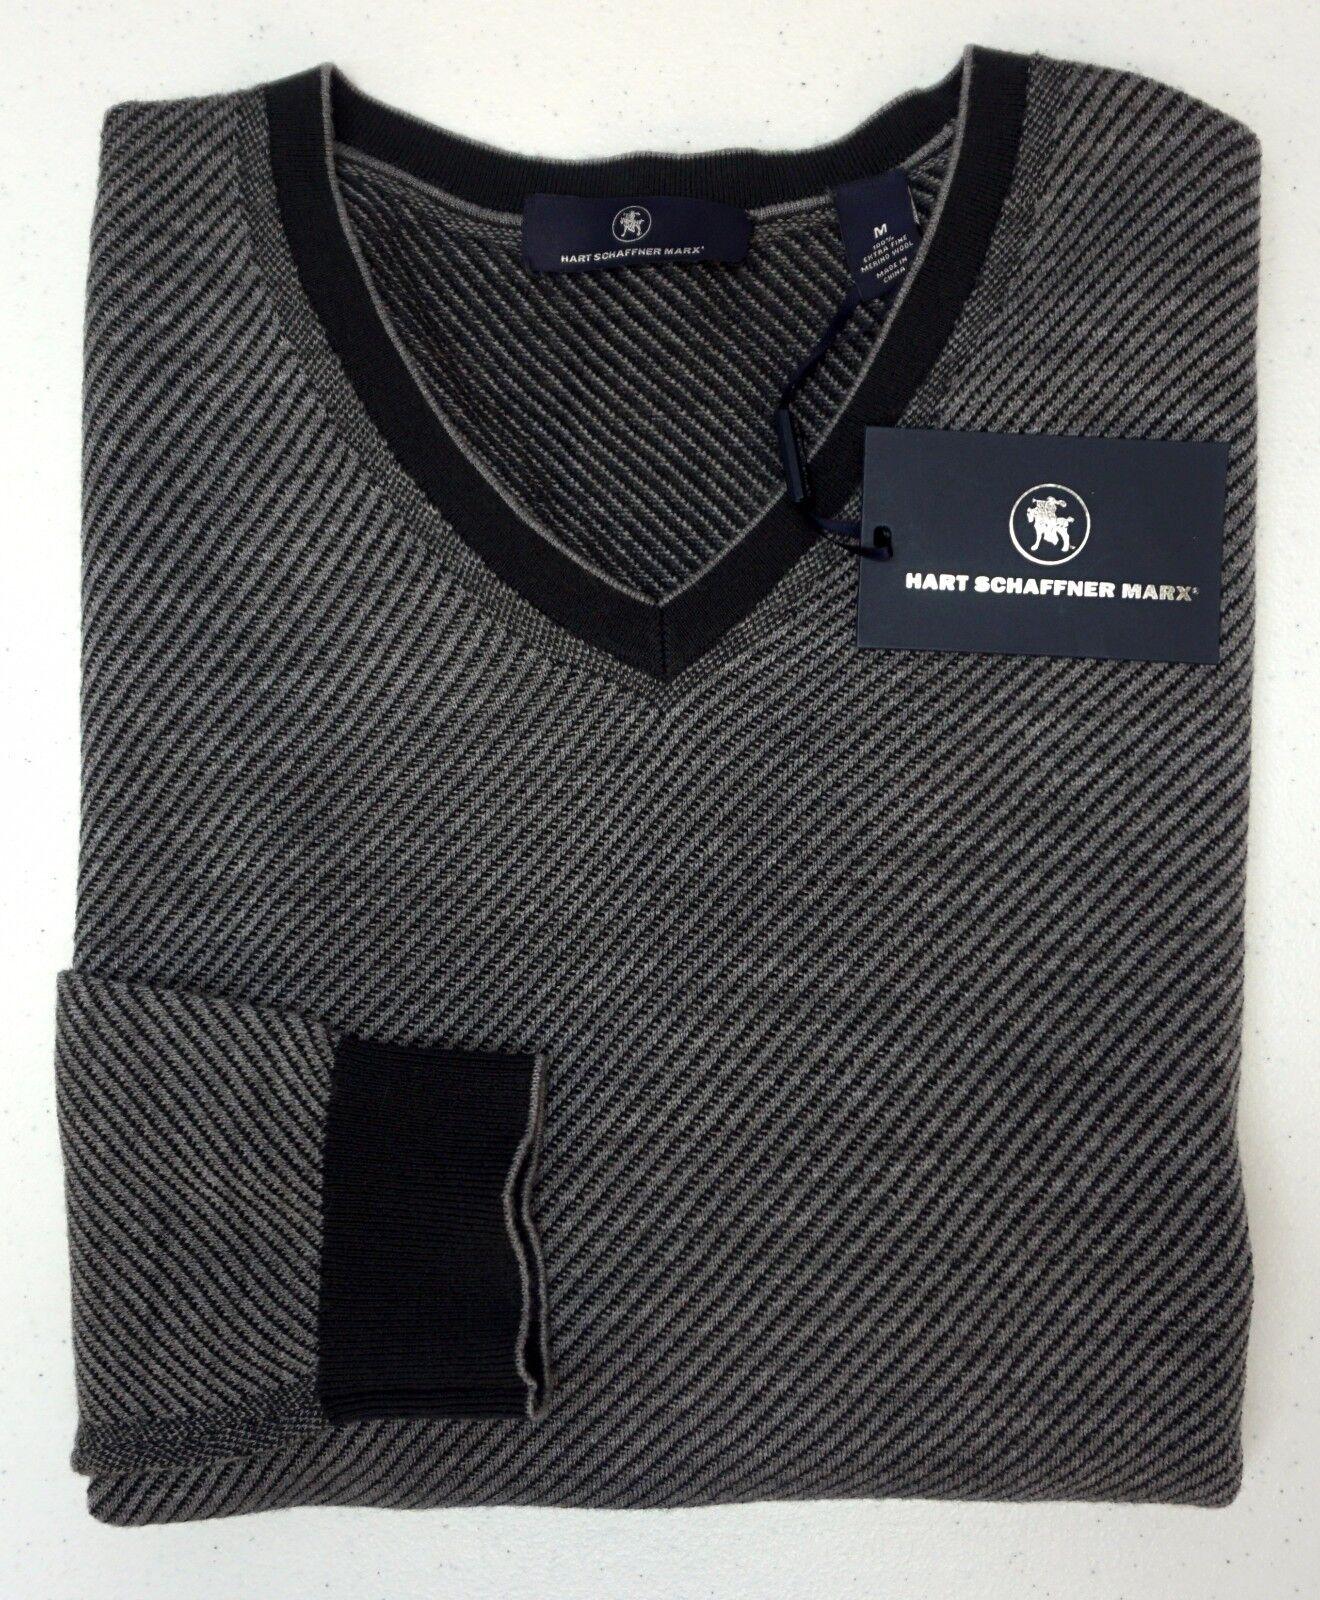 NWT 150 Hart Schaffner Marx LS Sweater  Herren Größe M 100% Merino Wool Grau Stripe